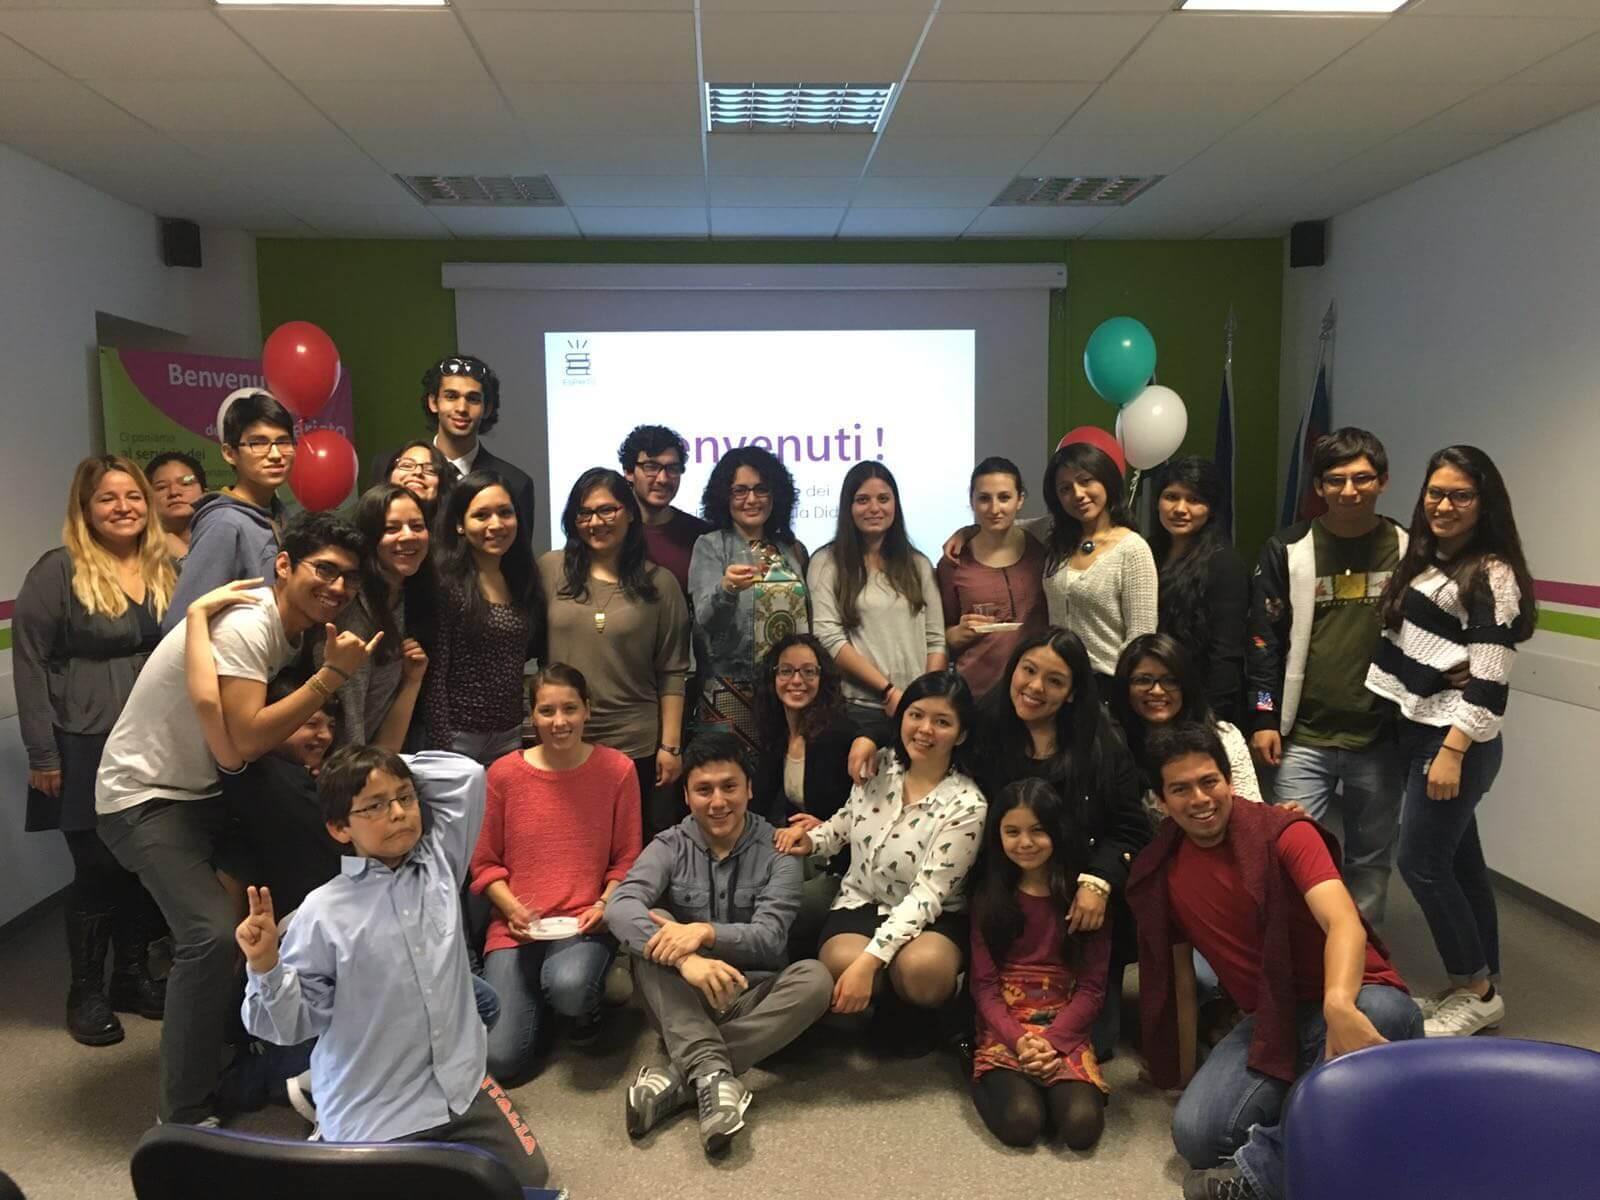 Corsi marzo 2016 esperto estudiantes peruanos en torino for Nascondi esperto